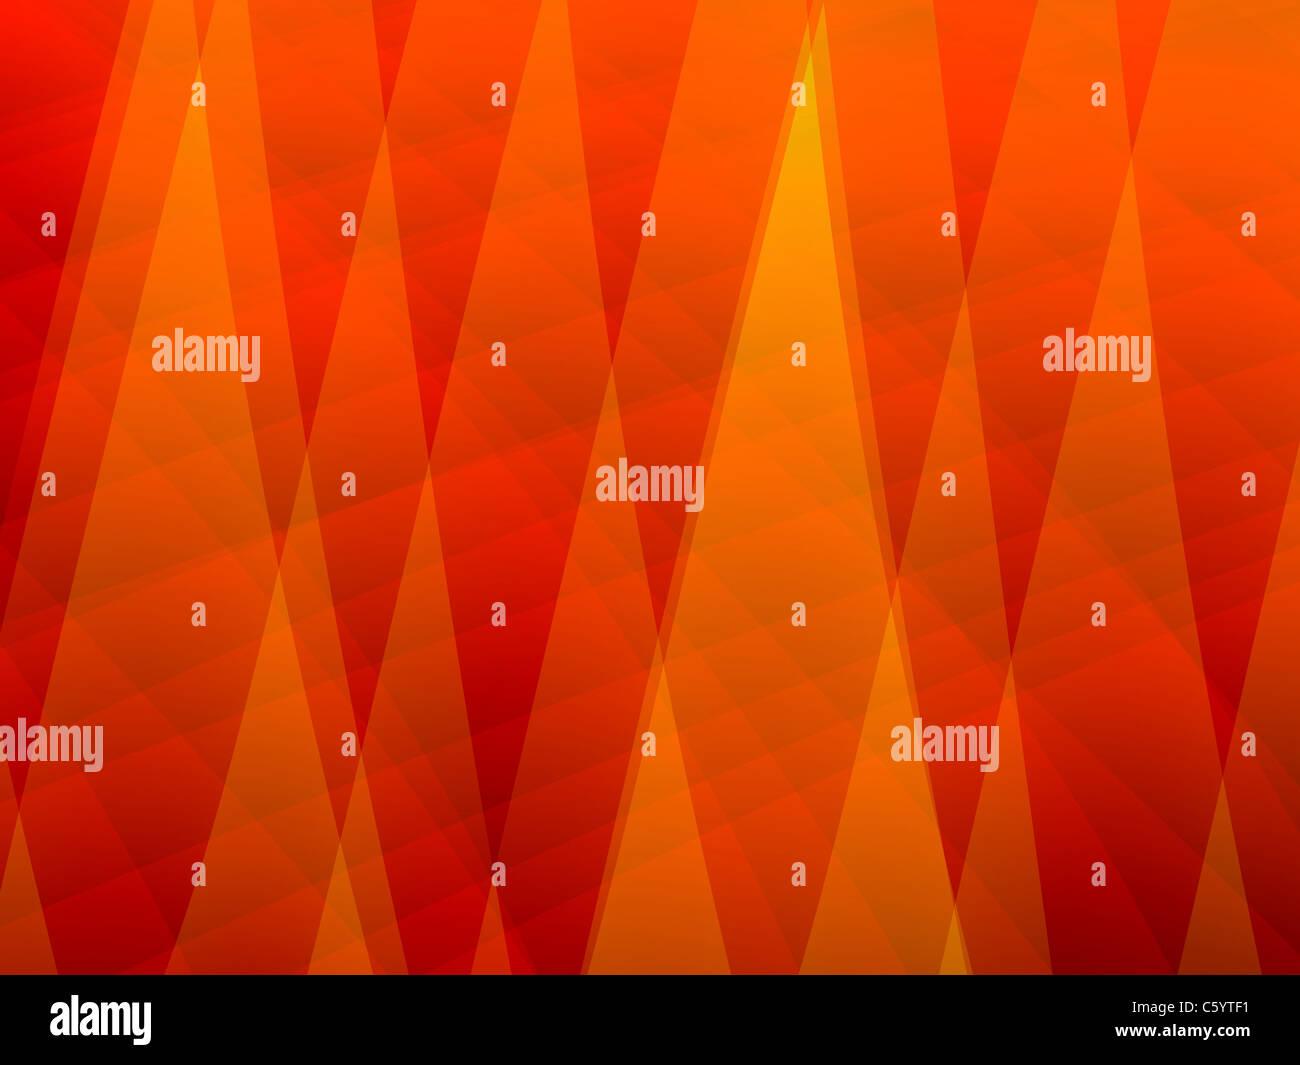 Résumé fond orange Photo Stock